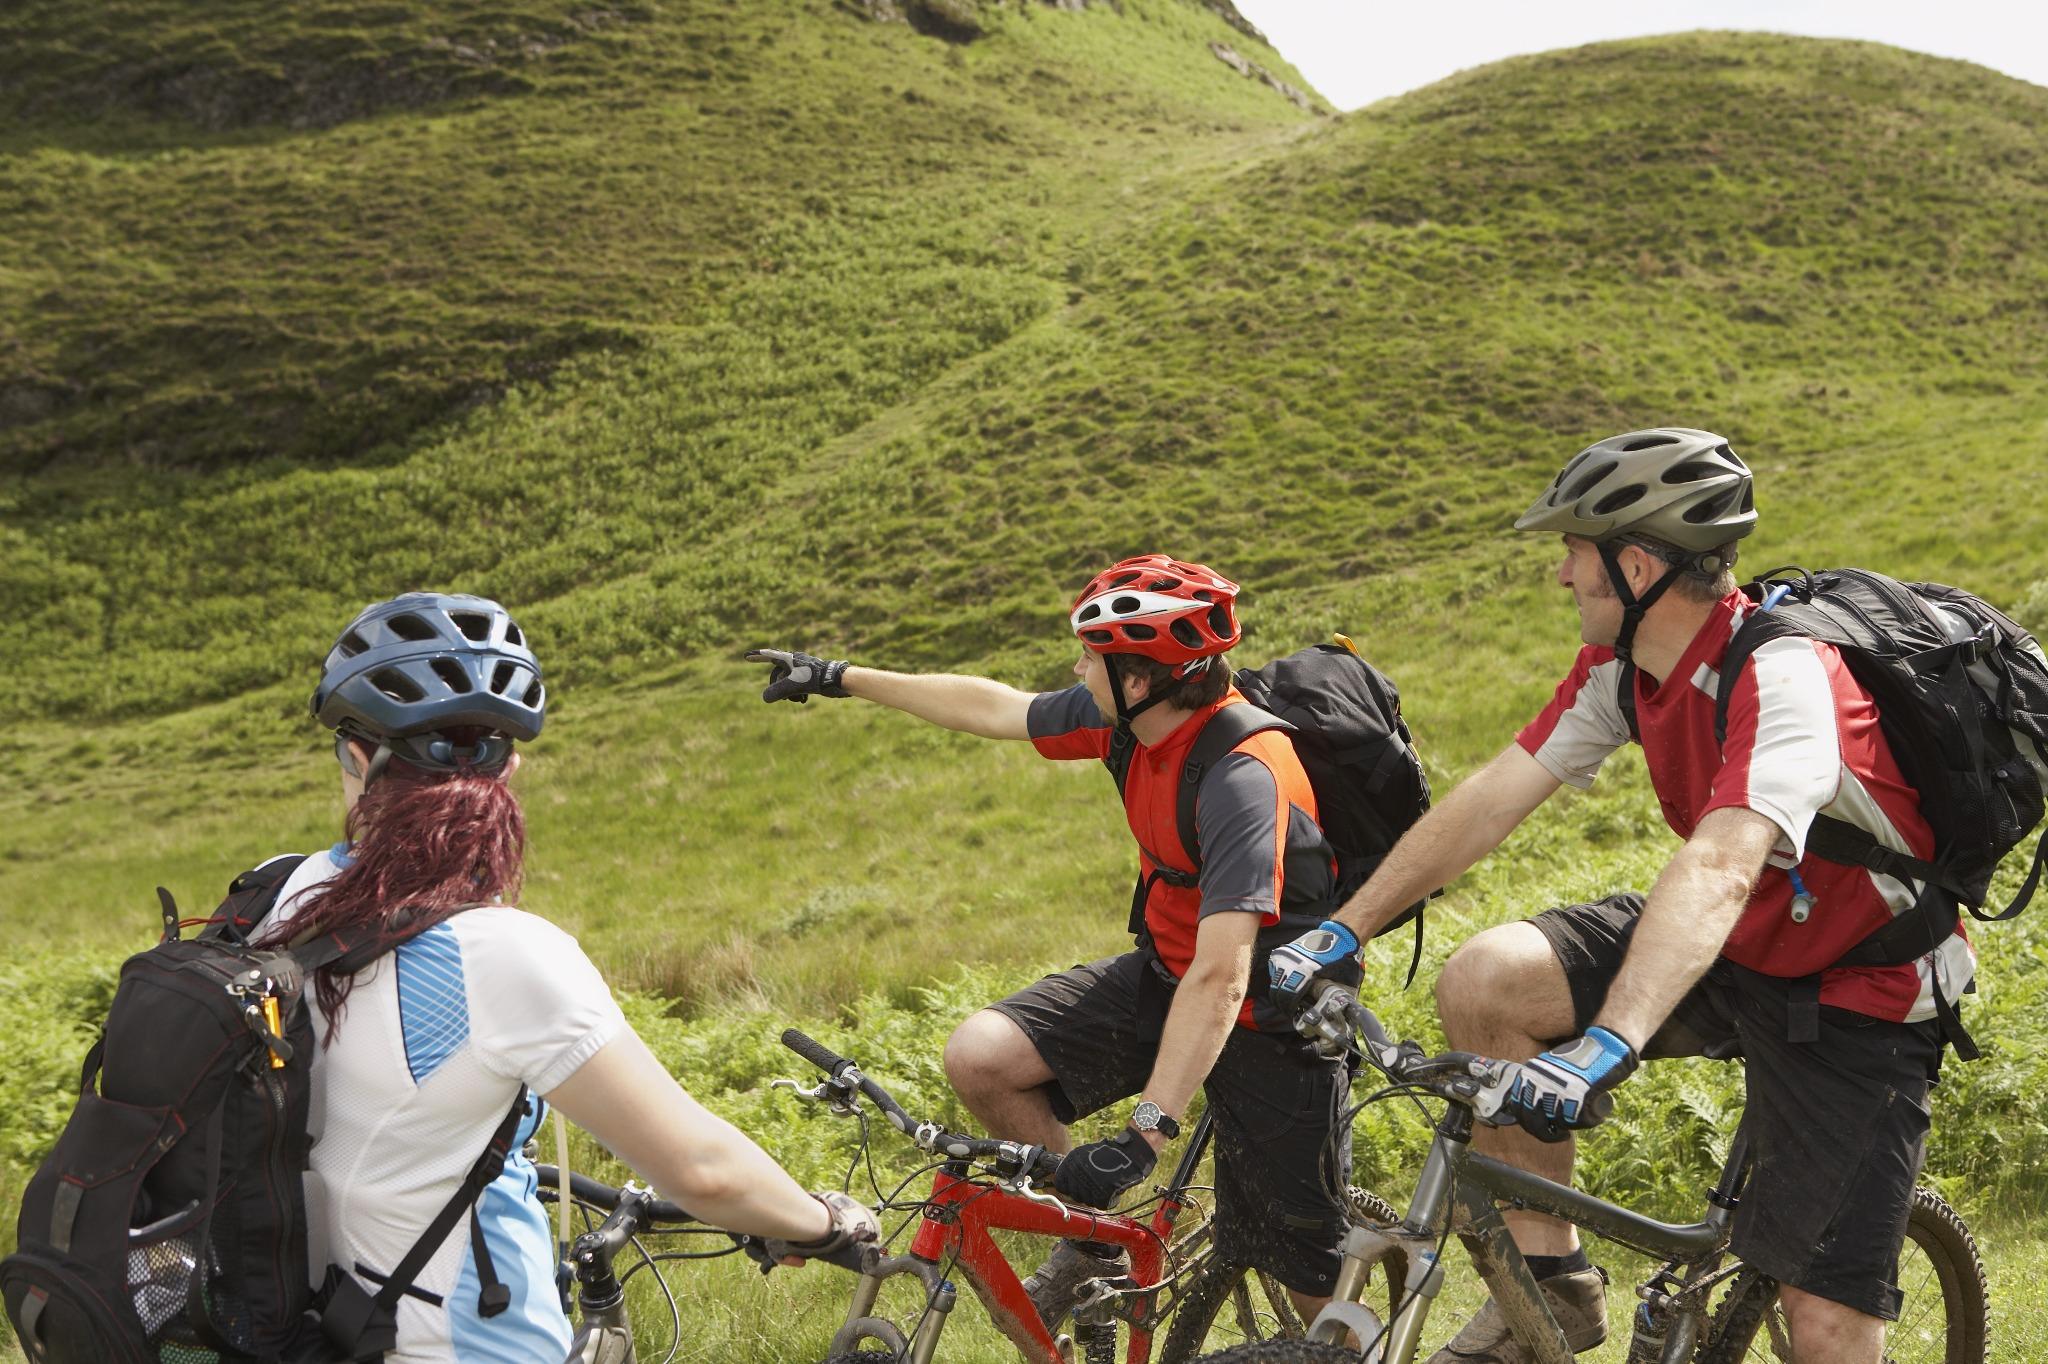 Three people mountain biking in Scotland.